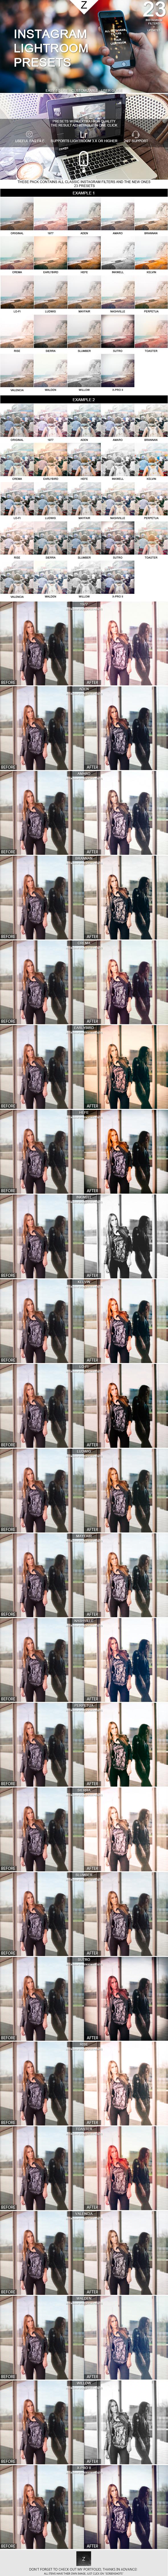 GraphicRiver Instagram Lightroom Presets 10577105